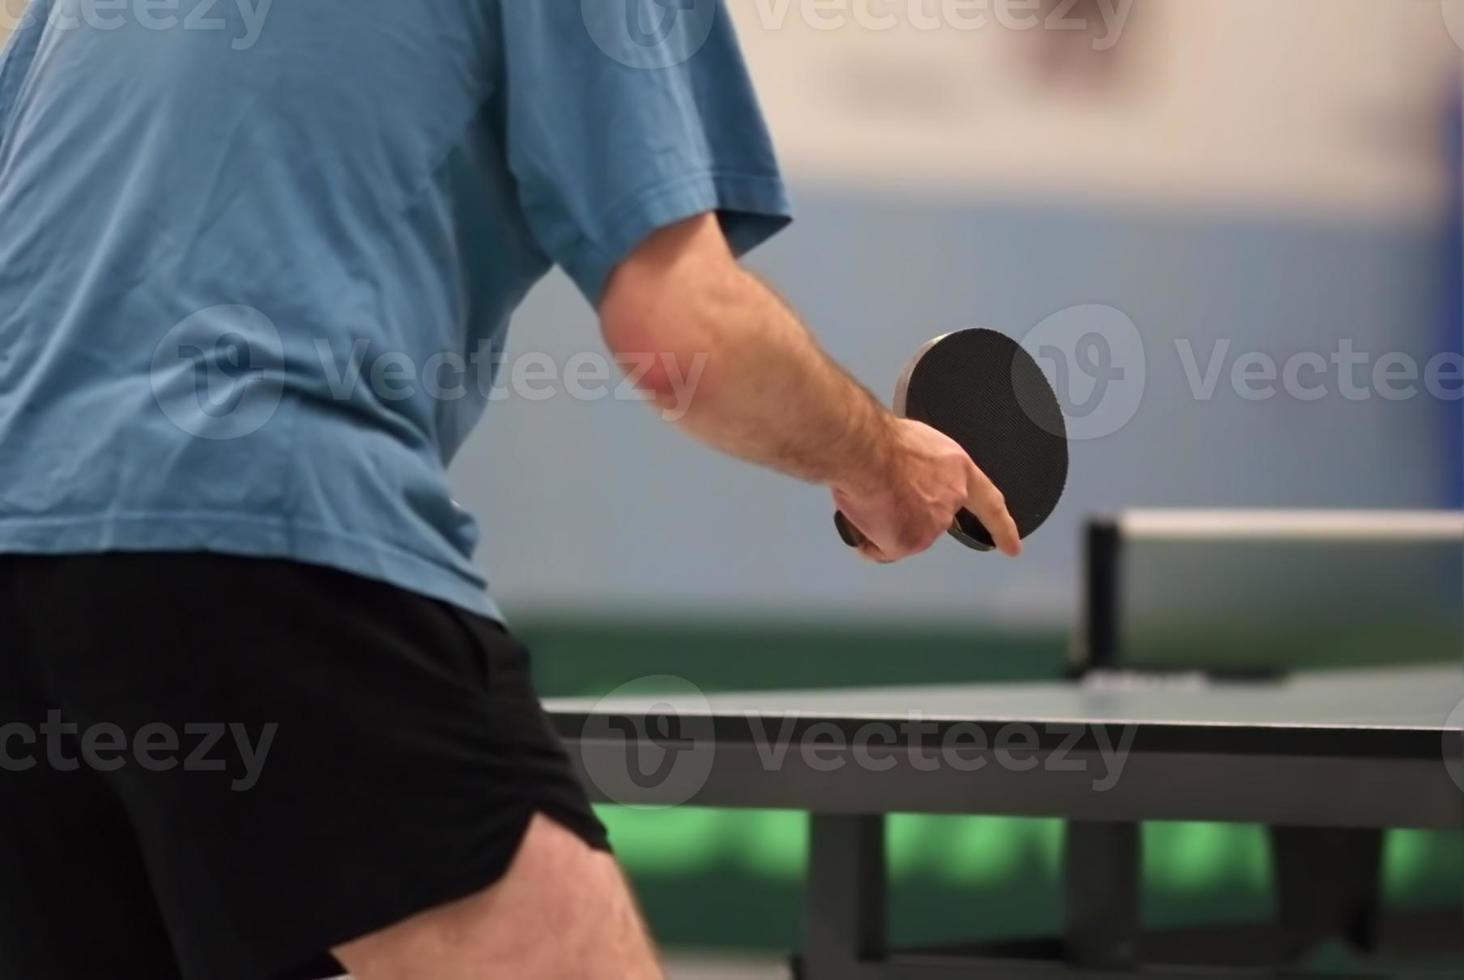 joueur de tennis de table en attente de la balle photo